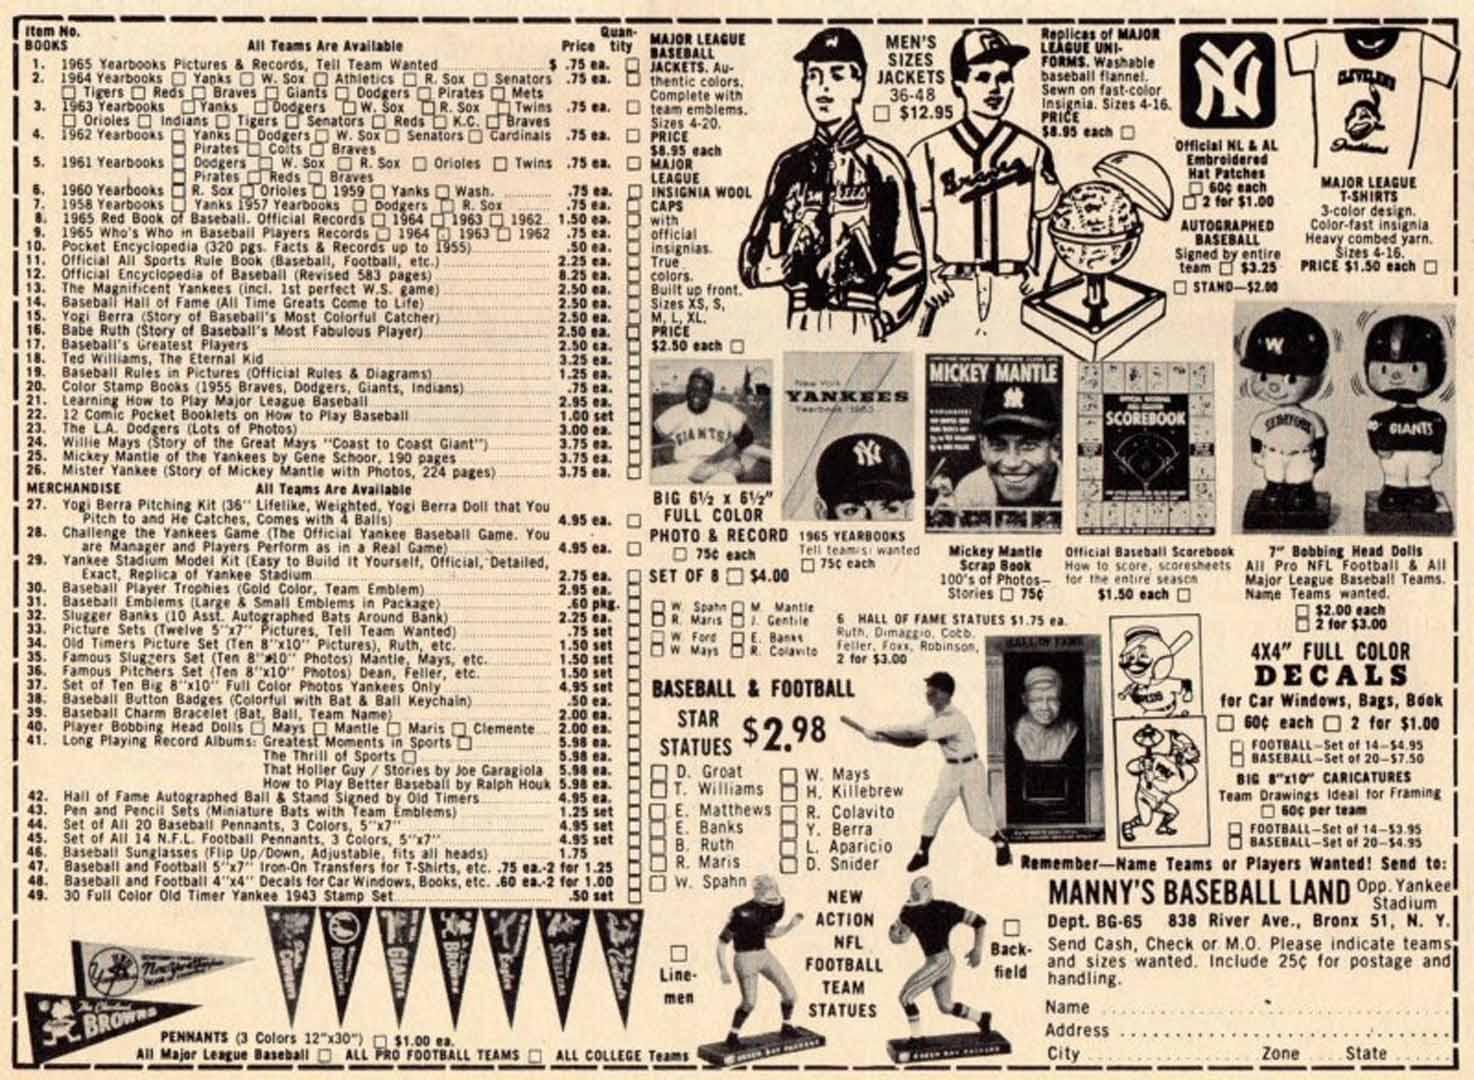 1965 baseball news